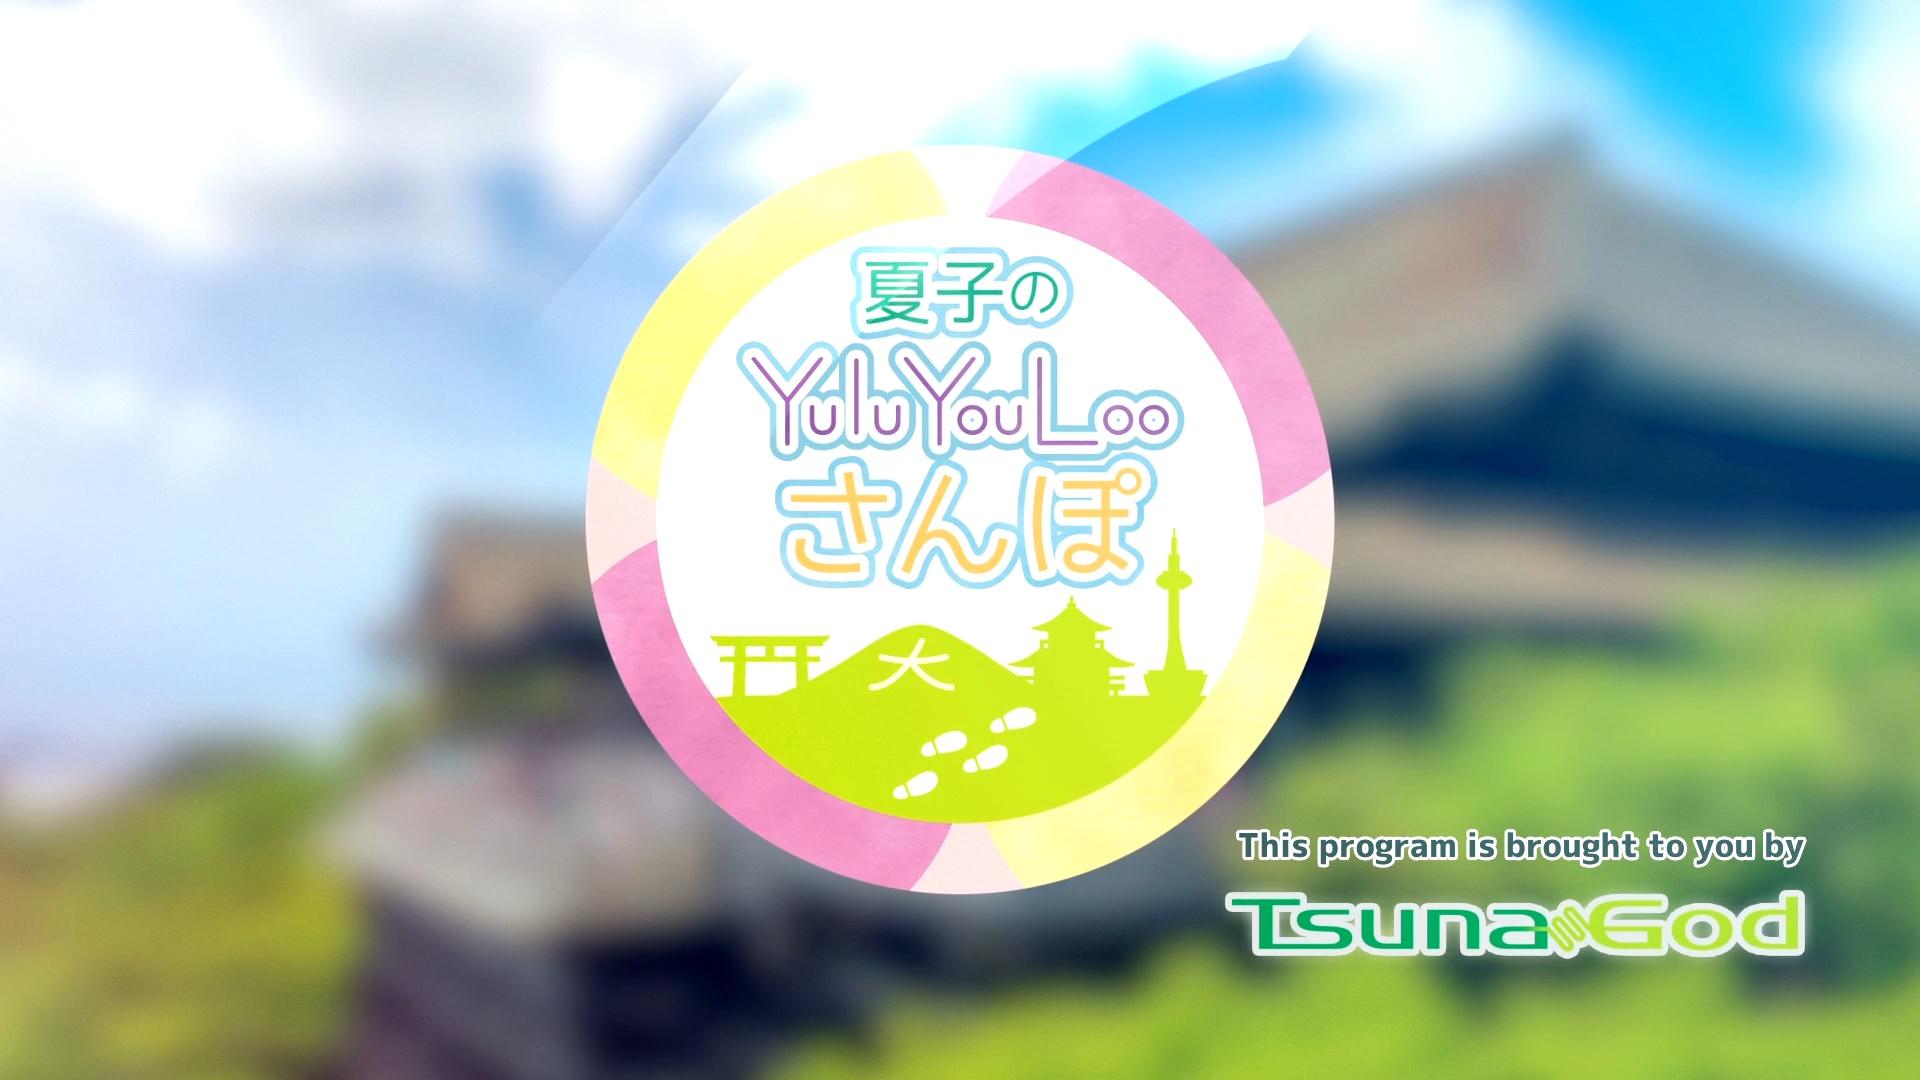 夏子のYulu You Loo さんぽ dricco(前編)